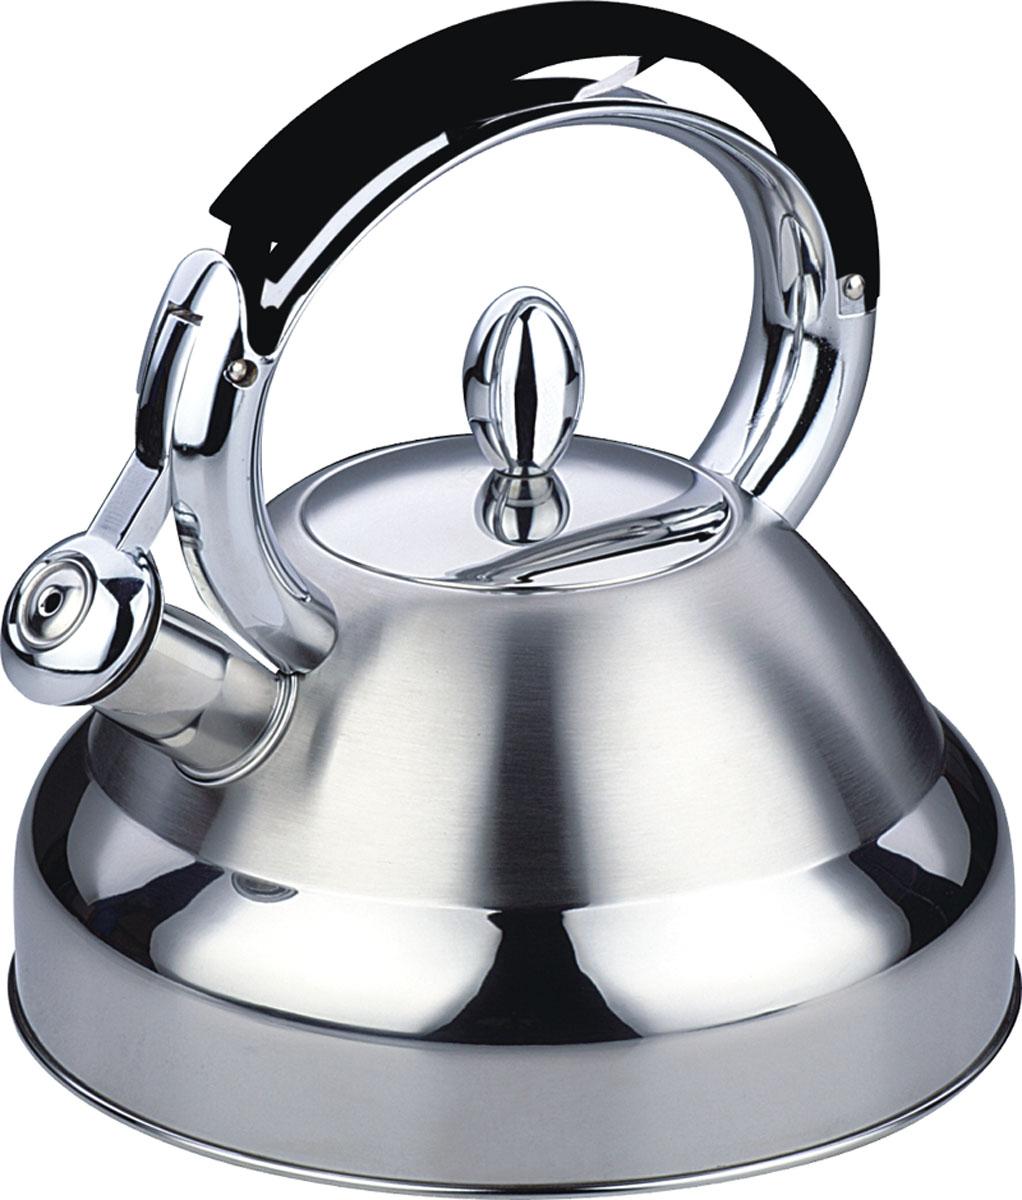 Чайник Bekker De Luxe со свистком, 2,7 л. BK-S426115510Чайник Bekker De Luxe изготовлен из высококачественной нержавеющей стали 18/10. Поверхность матовая с зеркальной полосой по нижнему краю. Капсулированное дно распределяет тепло по всей поверхности, что позволяет чайнику быстро закипать. Эргономичная фиксированная рукоятка выполнена из нержавеющей стали и бакелита с прорезиненным покрытием. Носик оснащен откидным свистком, который подскажет, когда вода закипела. Свисток открывается и закрывается нажатием на рукоятку. Оригинальный дизайн эффектно оформит интерьер кухни.Подходит для всех типов плит, включая индукционные. Можно мыть в посудомоечной машине.